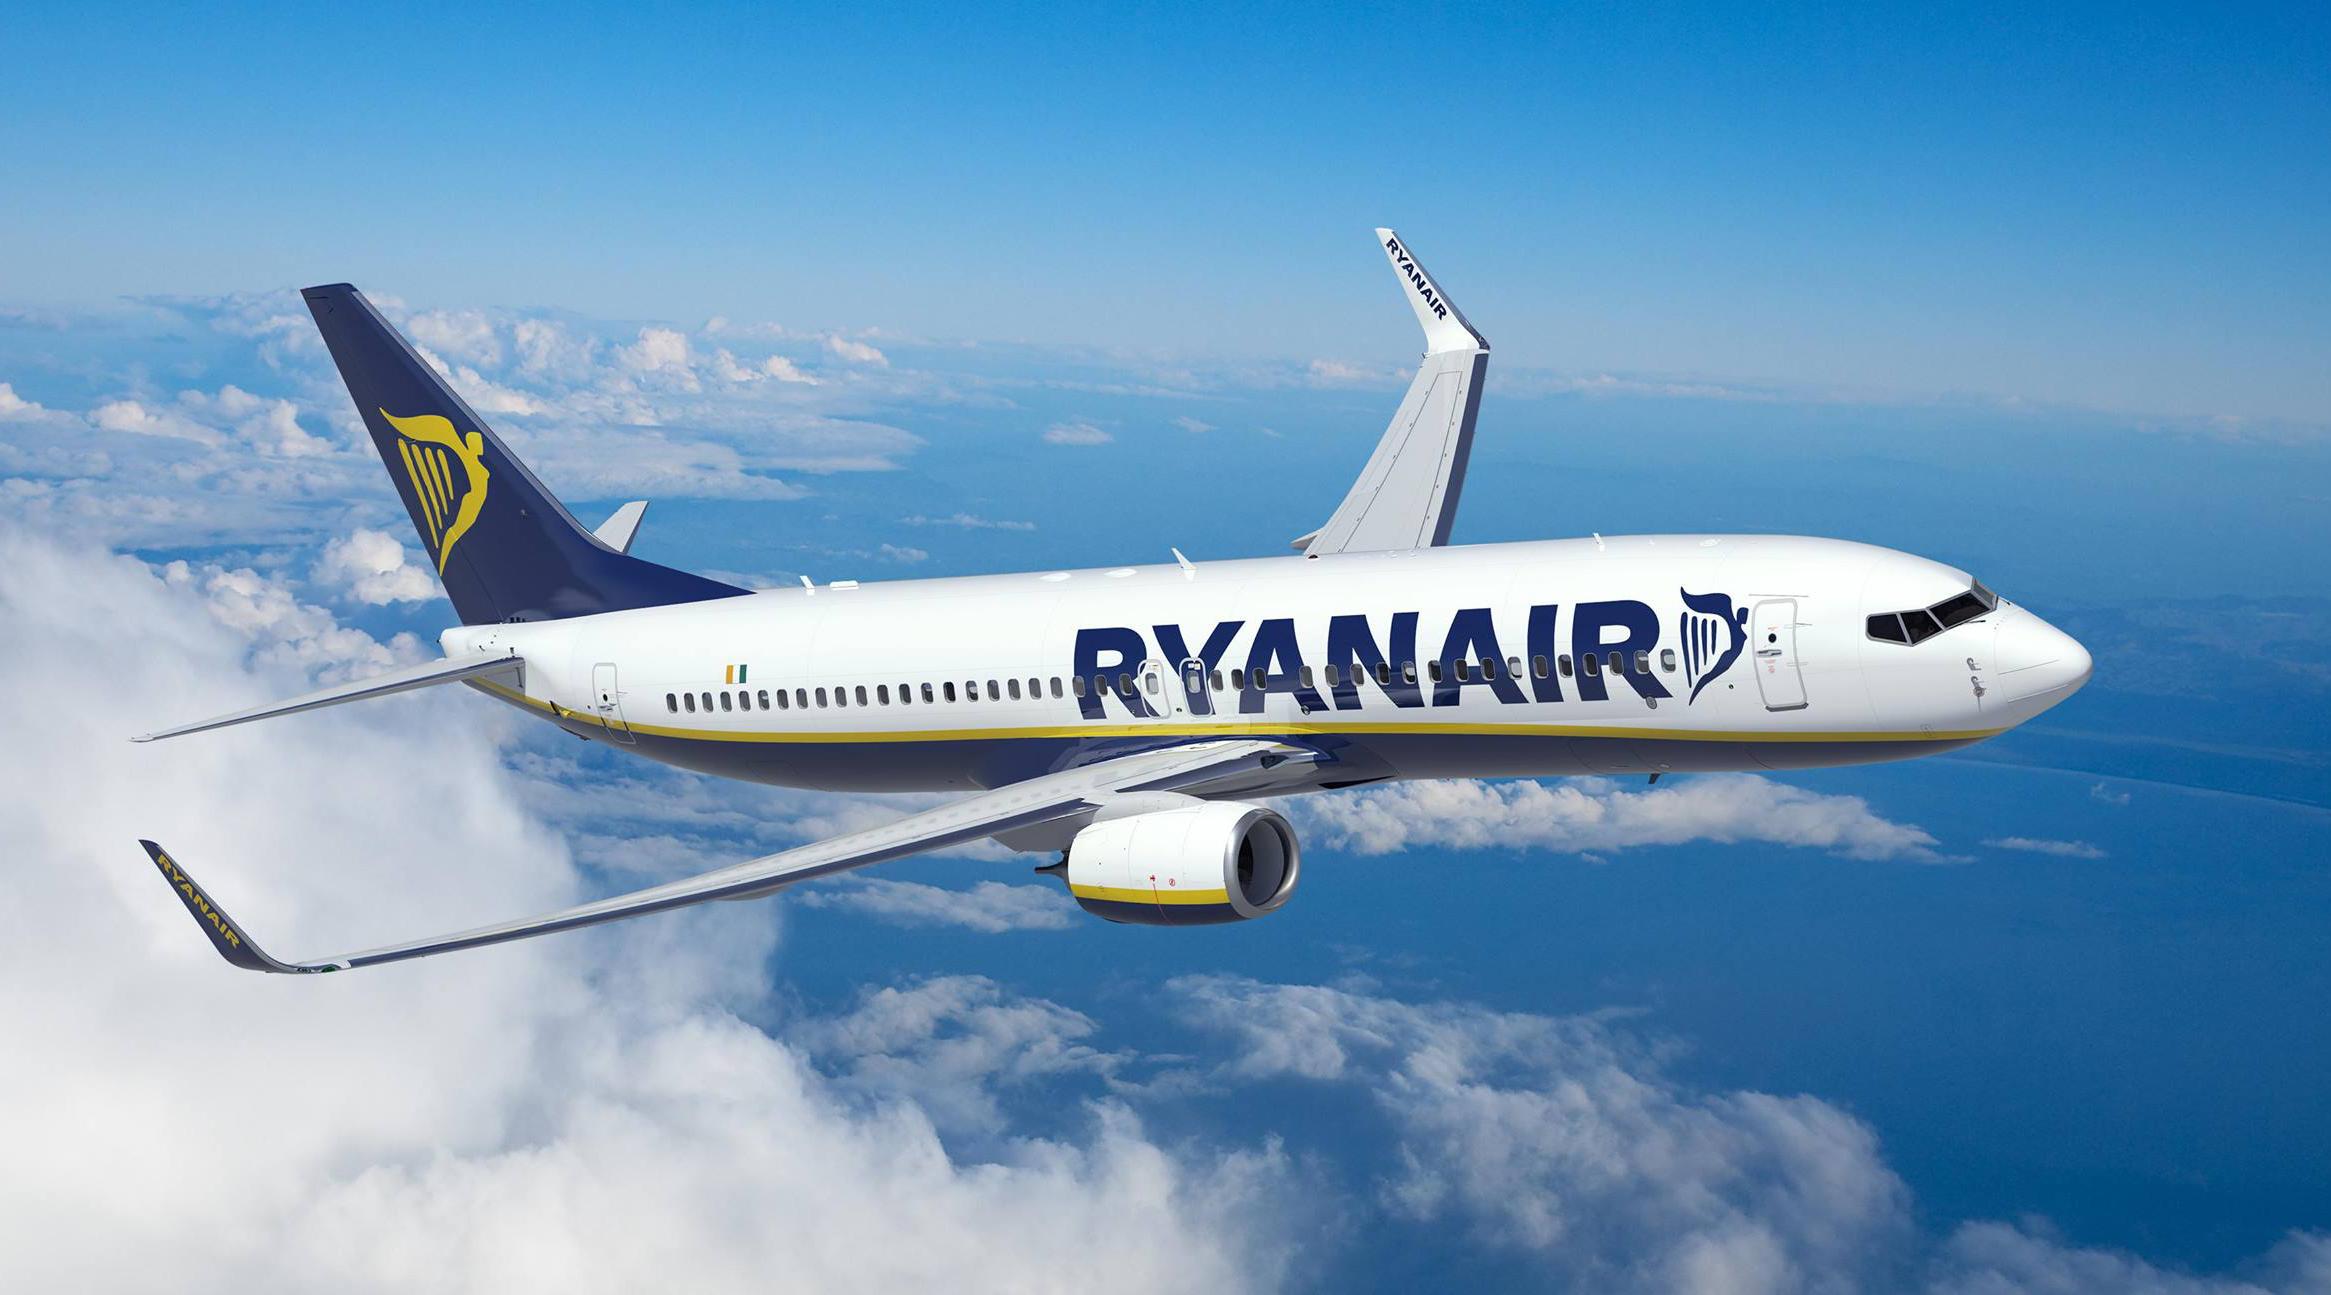 Крупнейший лоукостер Ryanair откроет 5 новых авиарейсов из Киева в Европу